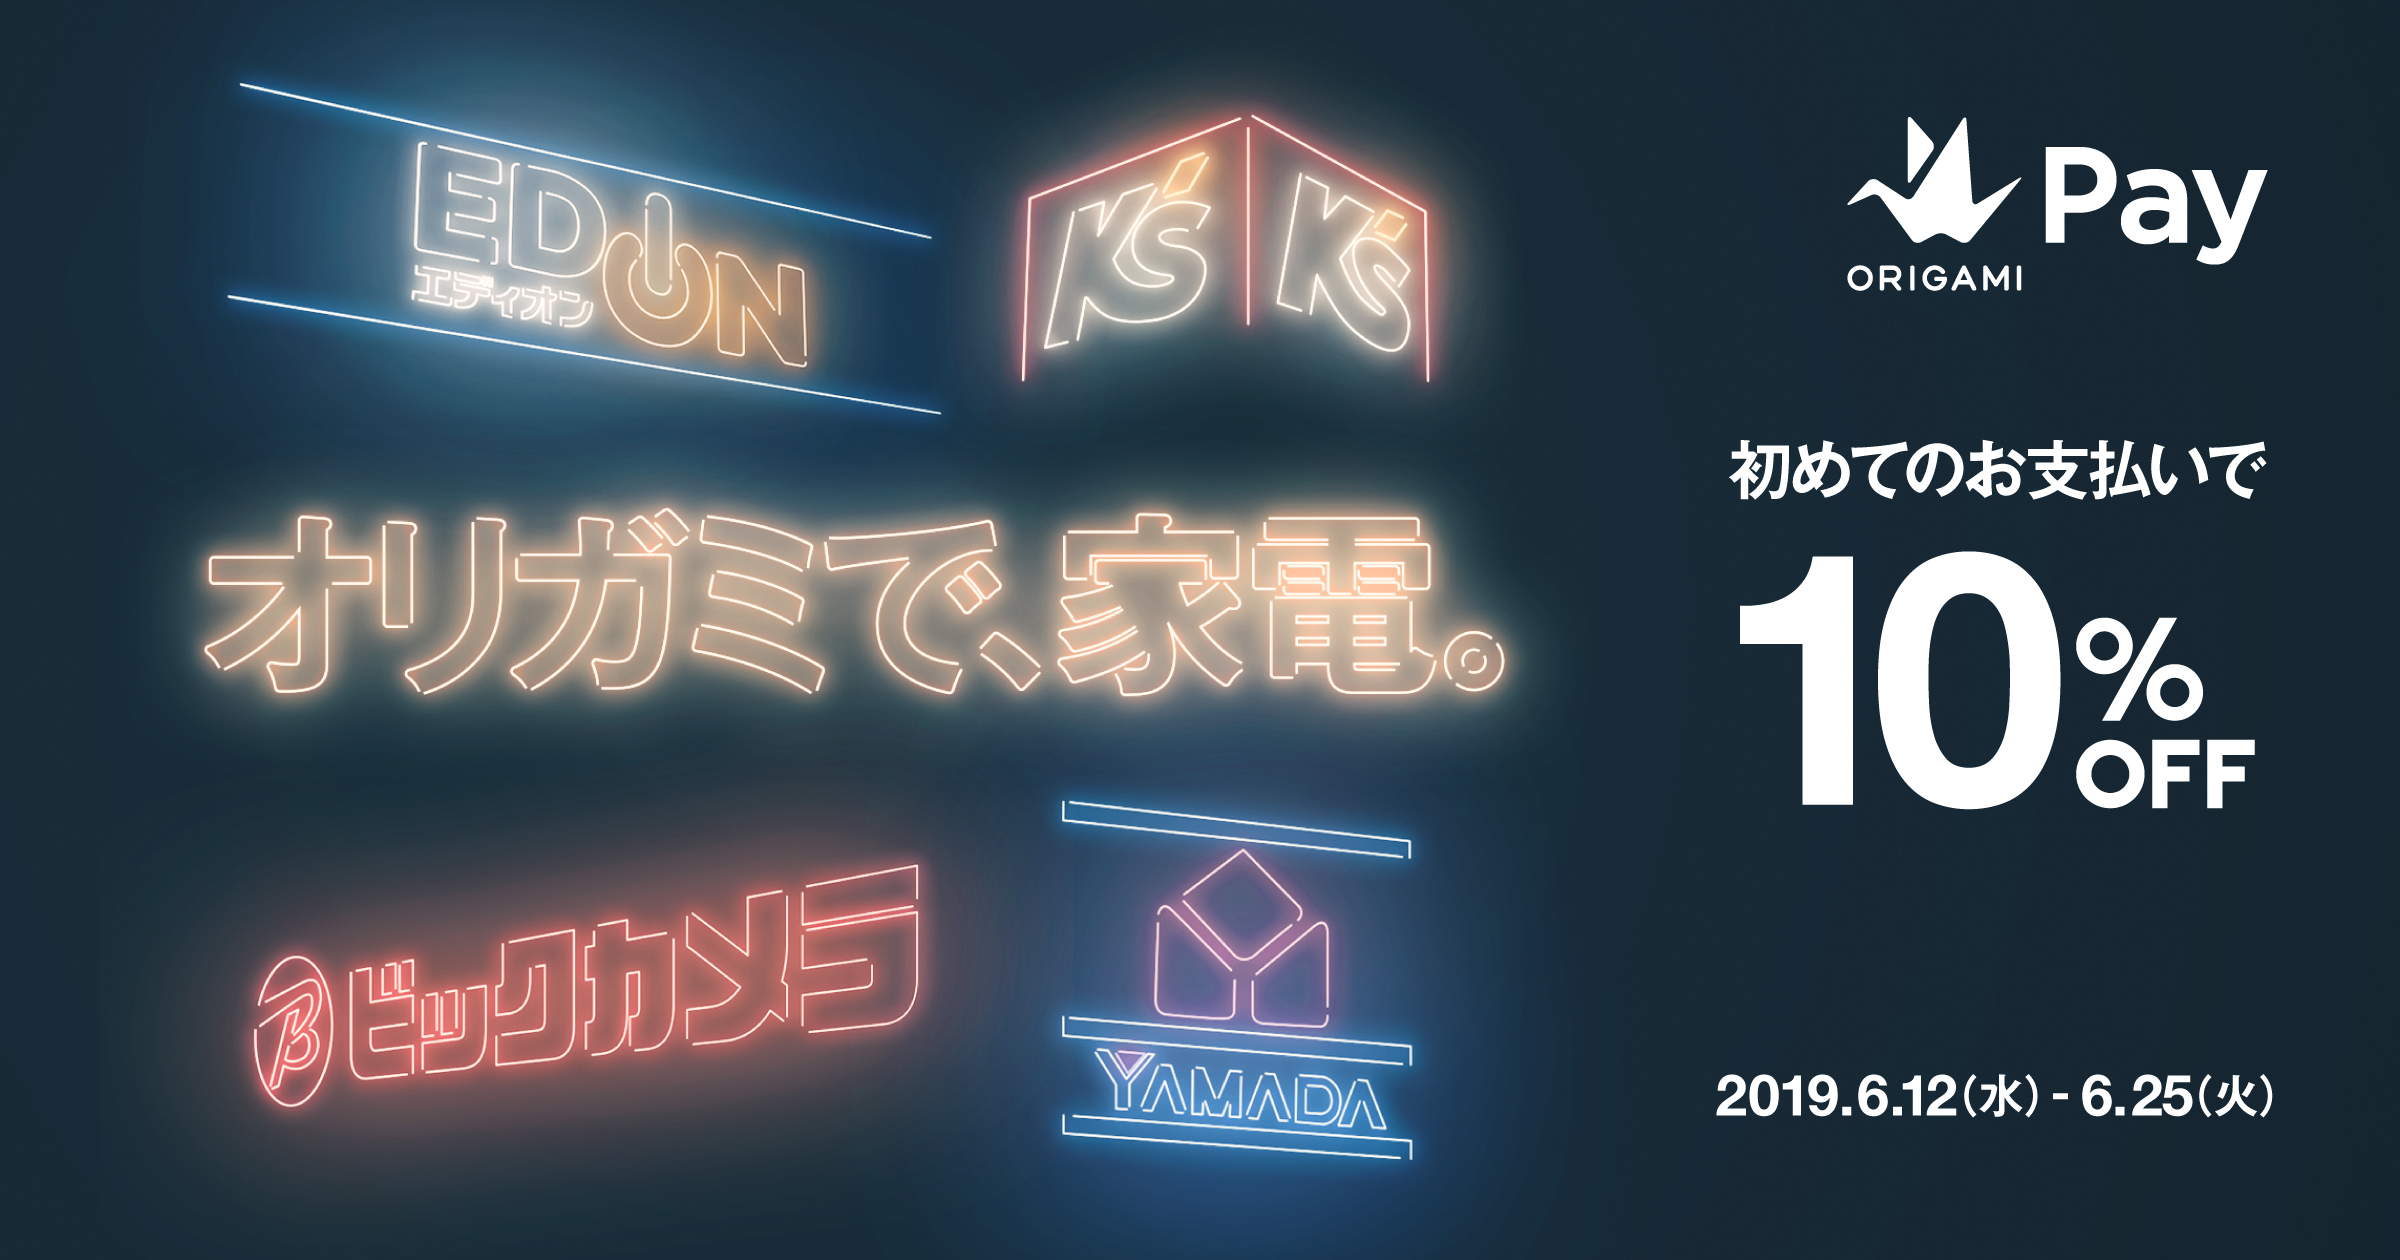 OrigamiPayで初めて家電を買うと10%OFF。ケーズ、ビックカメラ、ヤマダ、エディオンが対象。上限3万円。6/12~6/25。